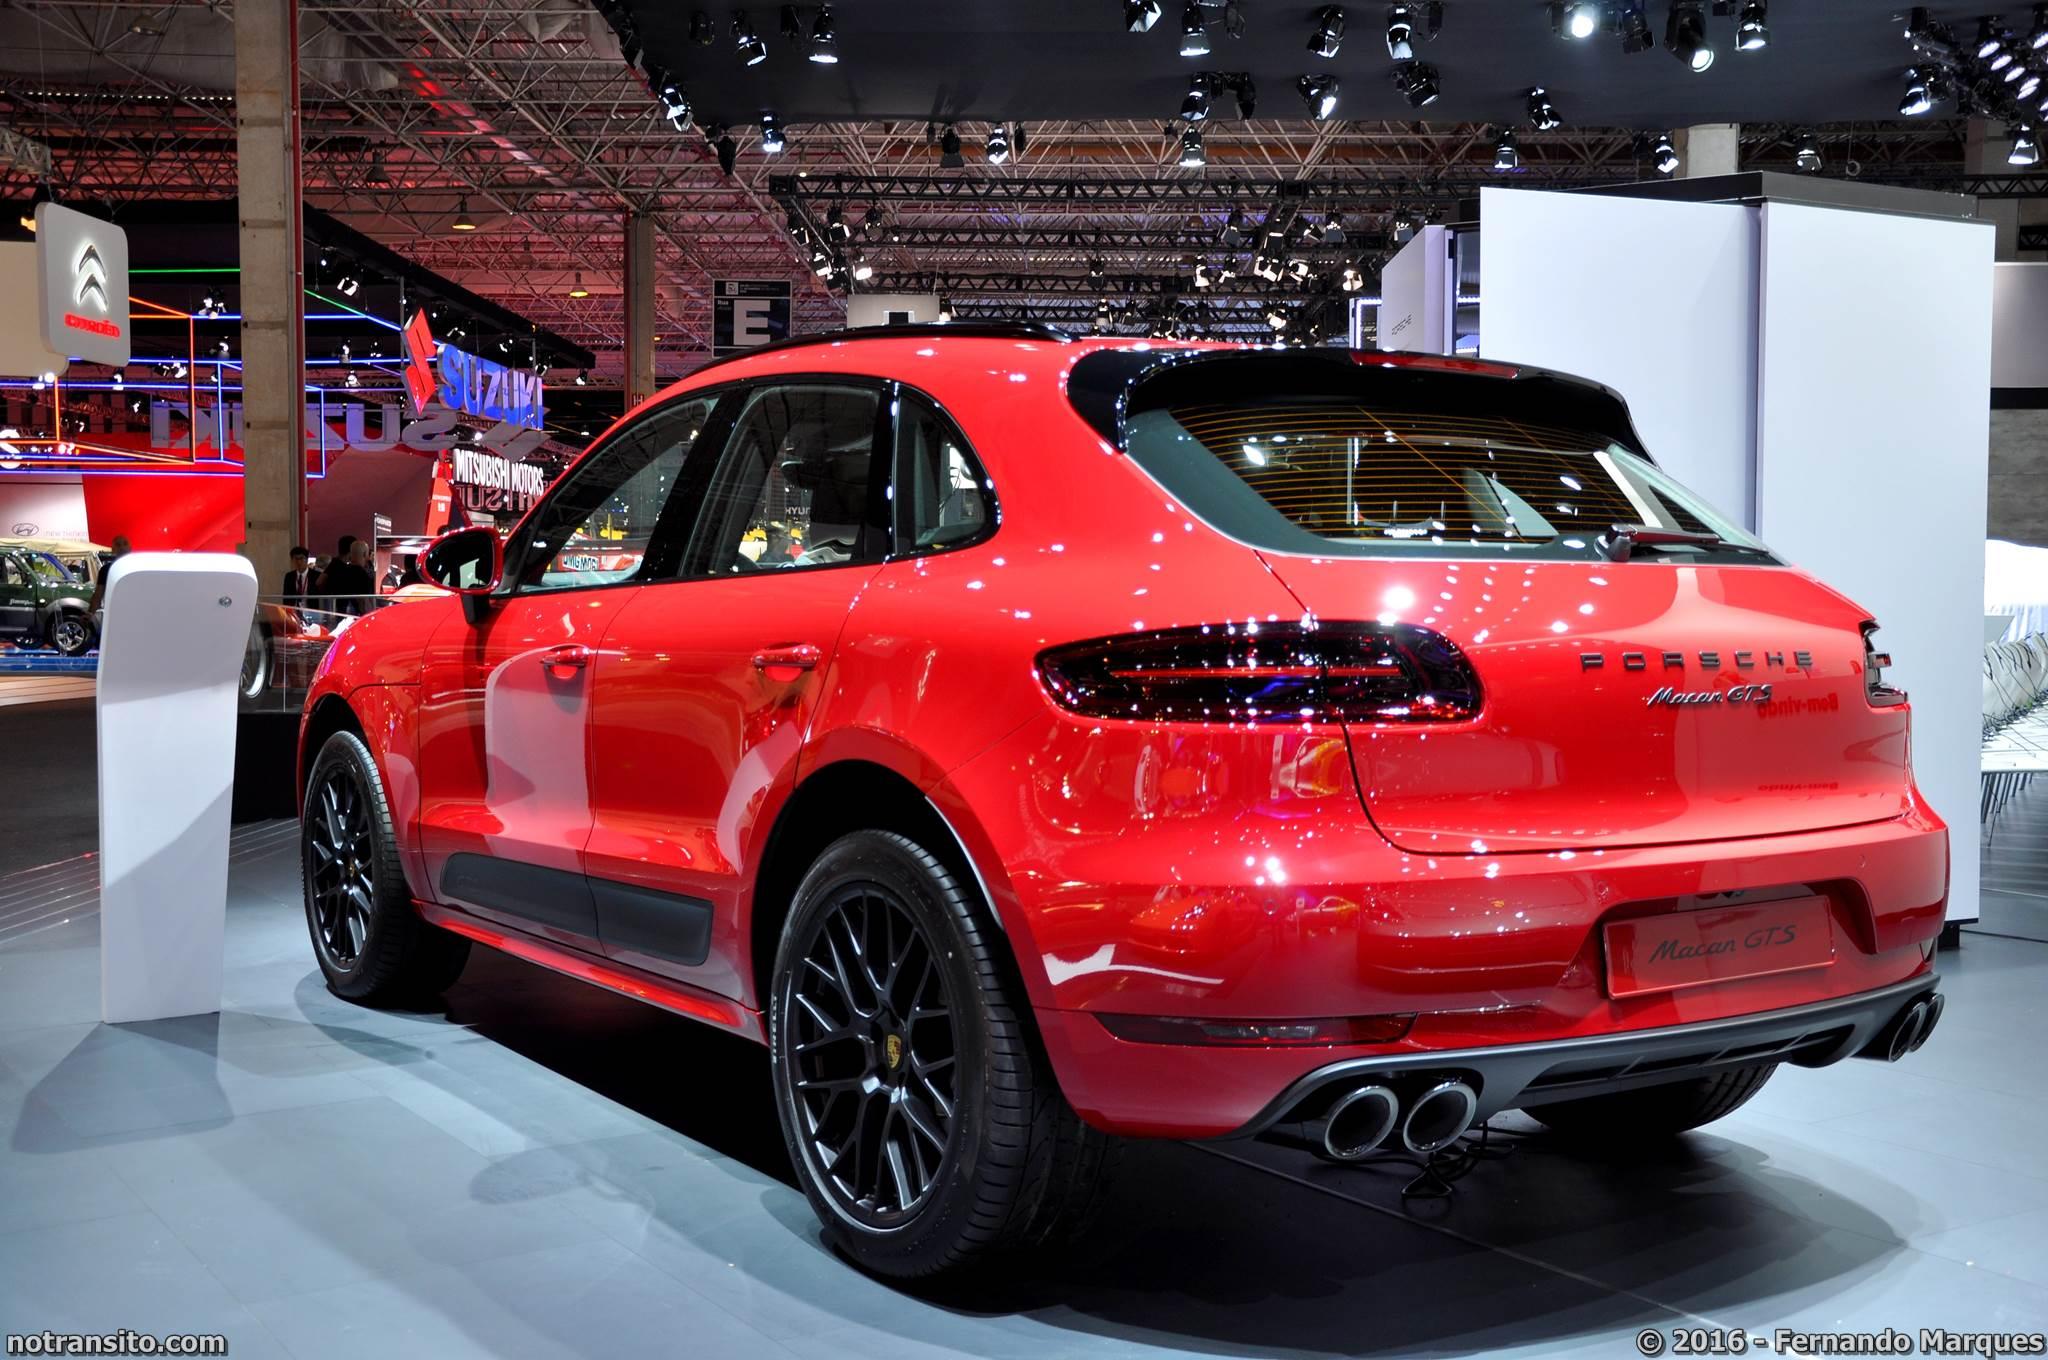 Porsche Macan GTS Carmine Red Salão do Automóvel 2016